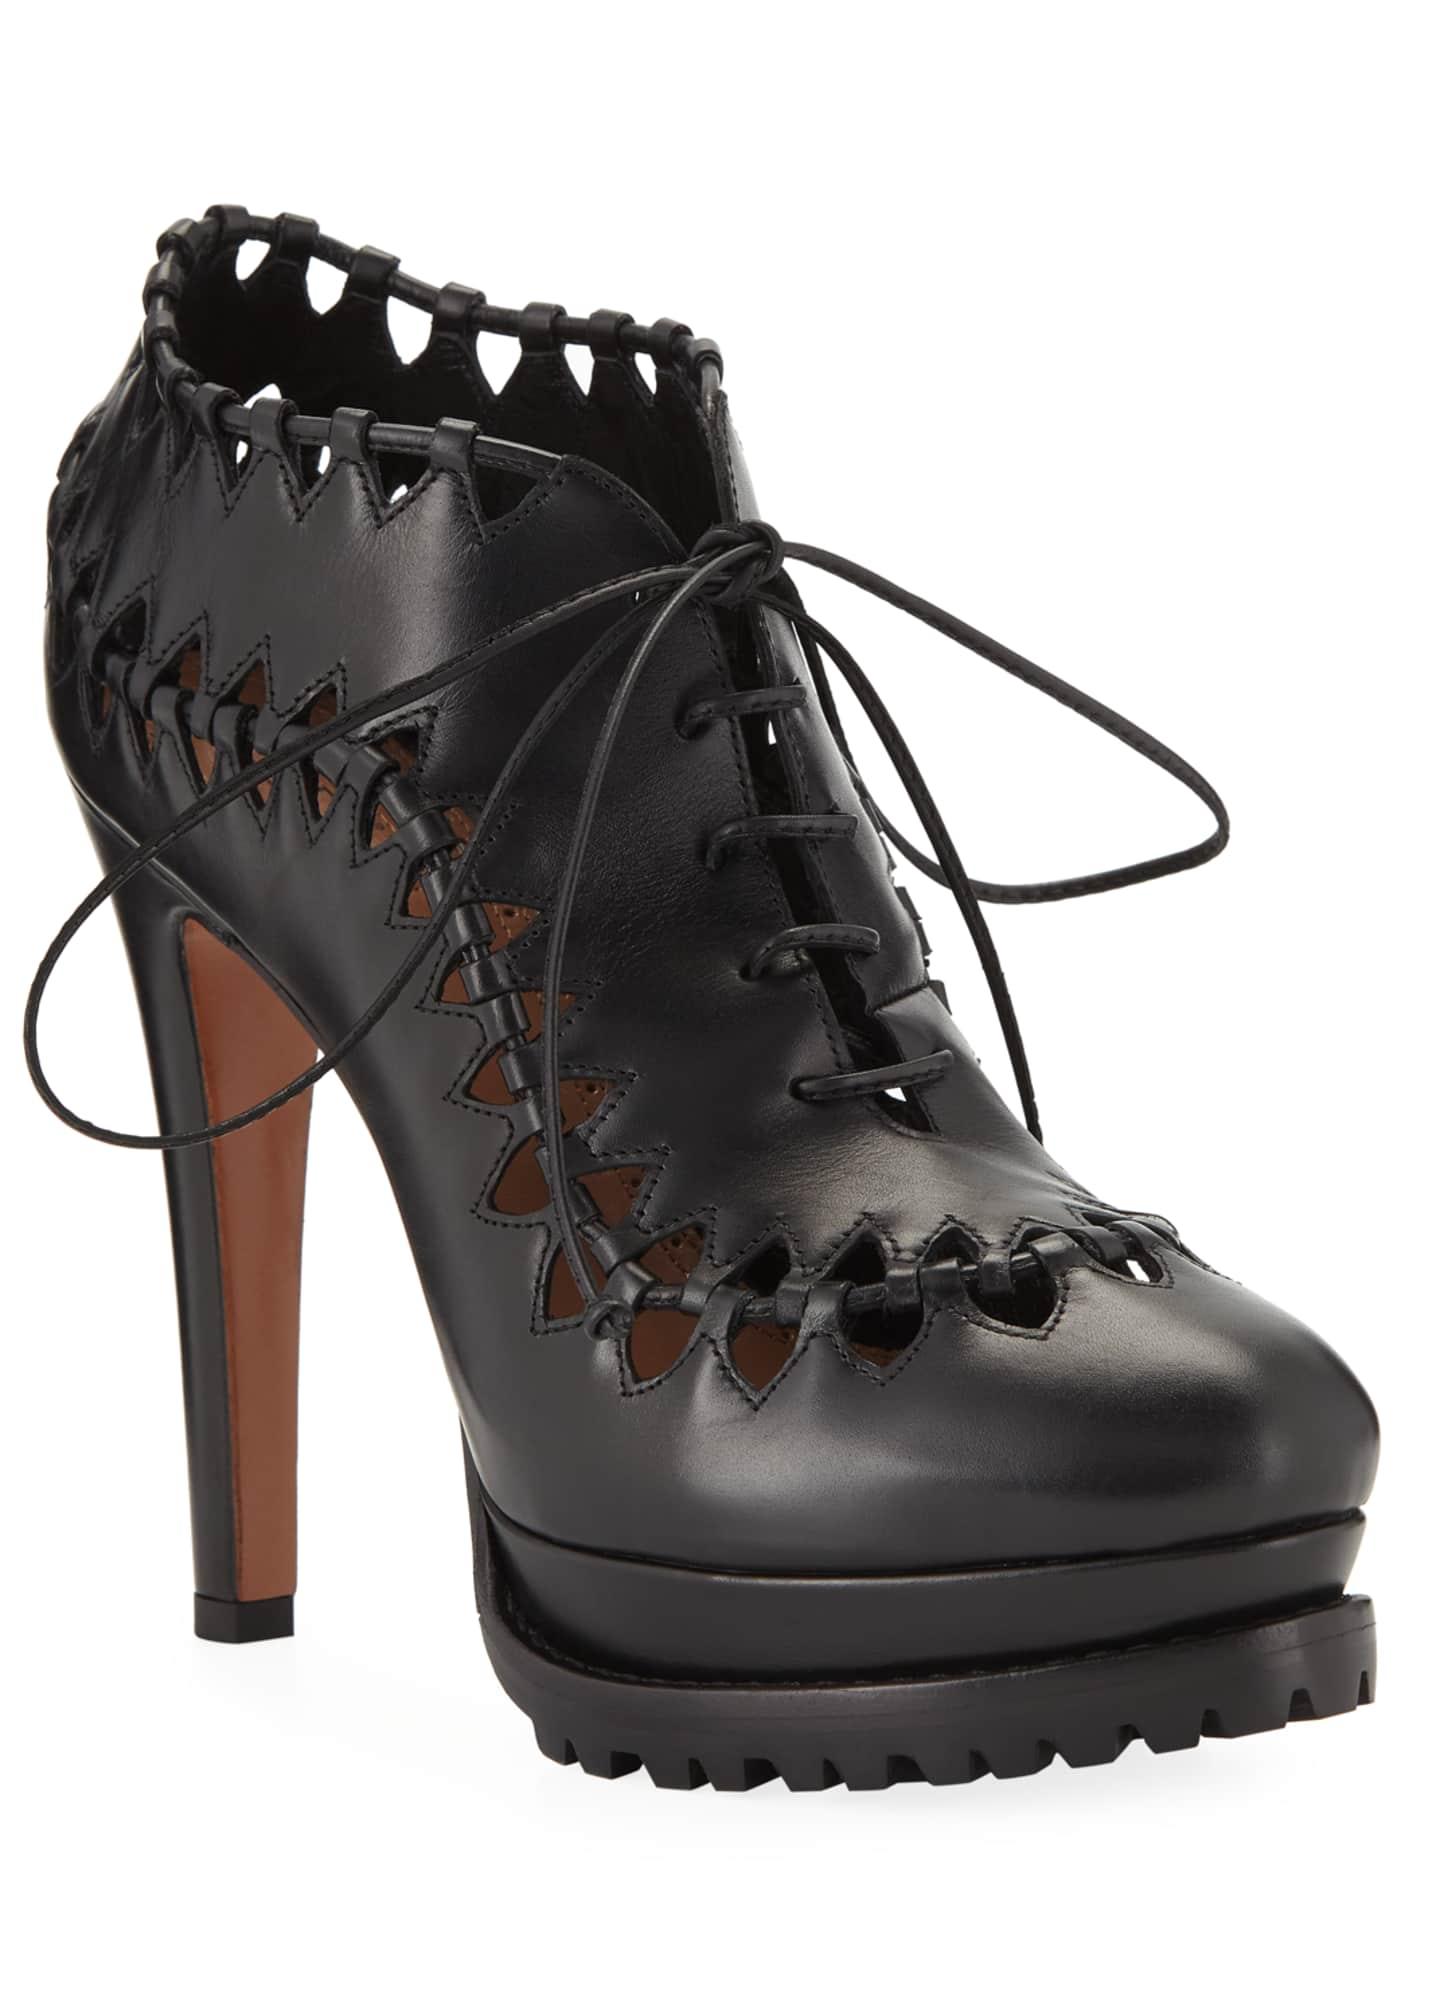 ALAIA Cutout Platform Leather Booties